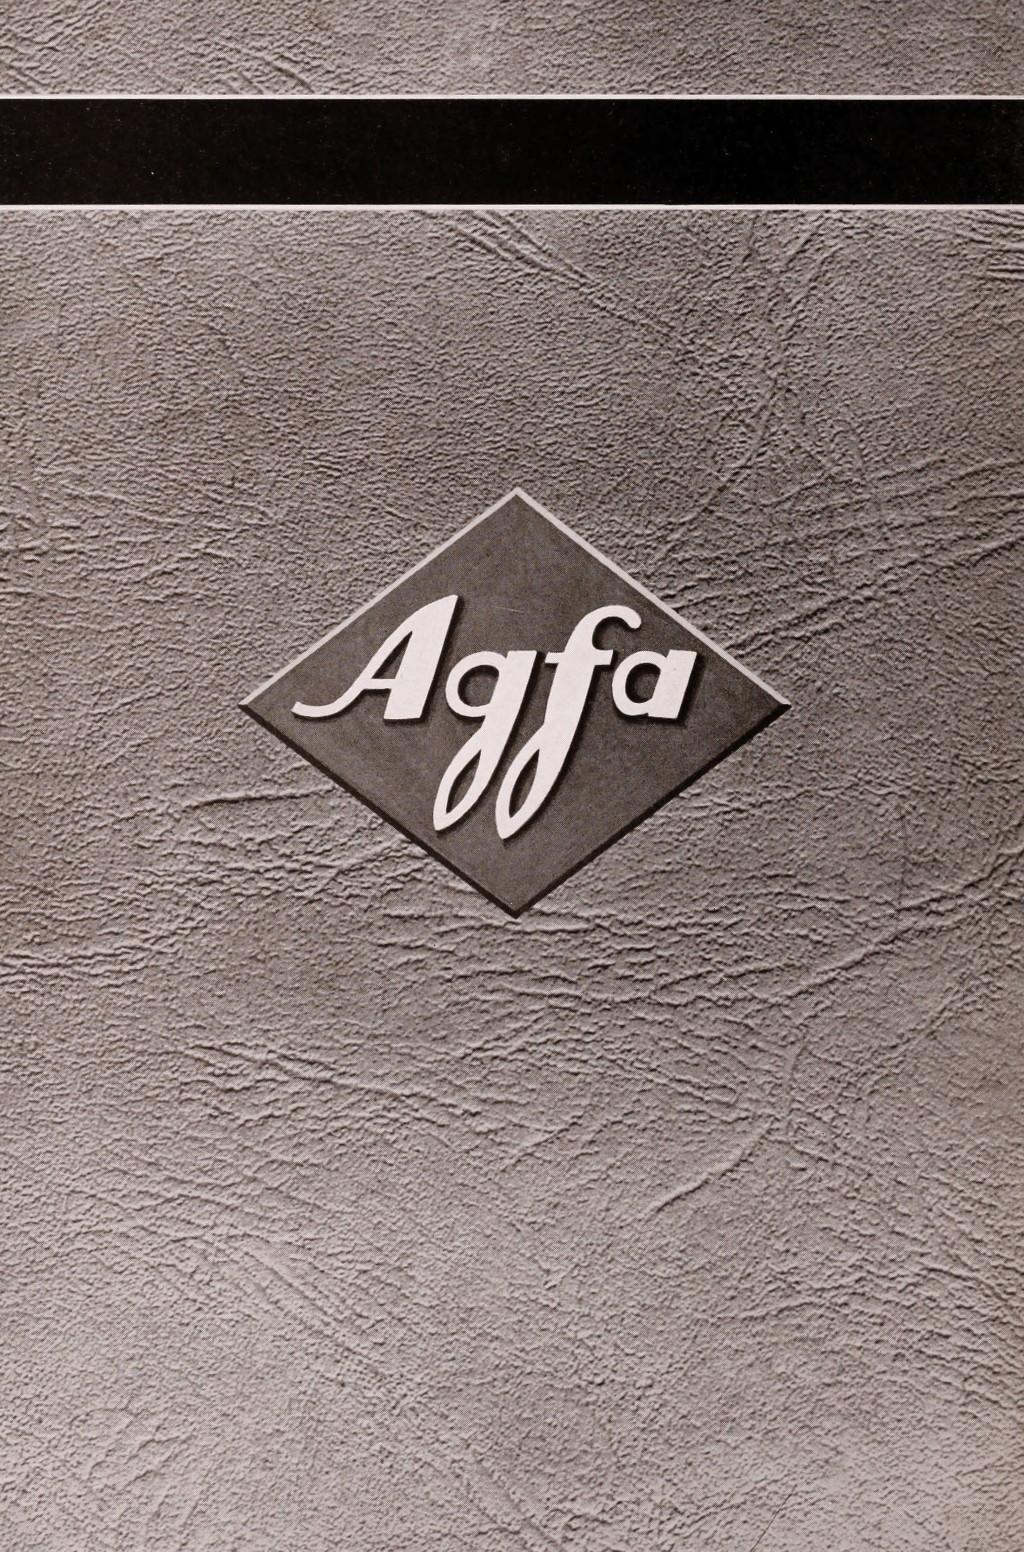 Agfamotionpictur00ckin_jp2.zip&file=agfamotionpictur00ckin_jp2%2fagfamotionpictur00ckin_0248